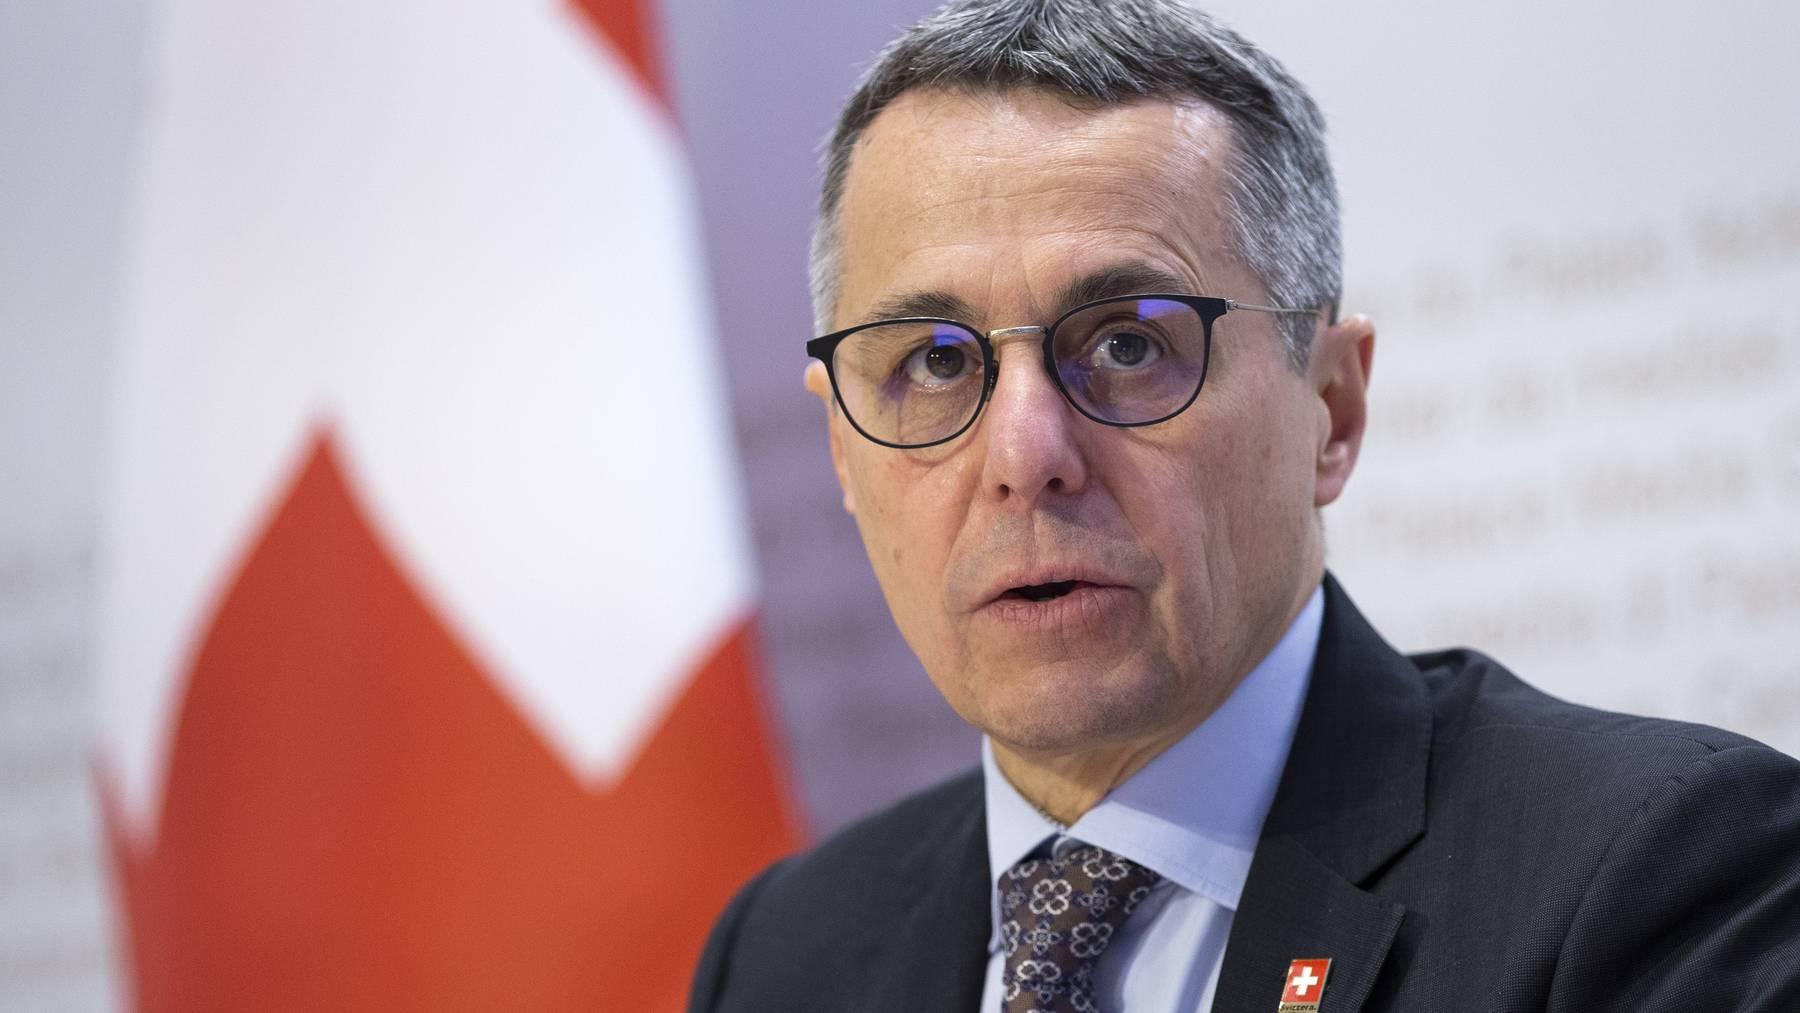 Aussenminister Ignazio Cassis erläutert am Freitag in Bern die neuen Sponsoringregeln und die künftigen Ziele der Landeskommunikation.